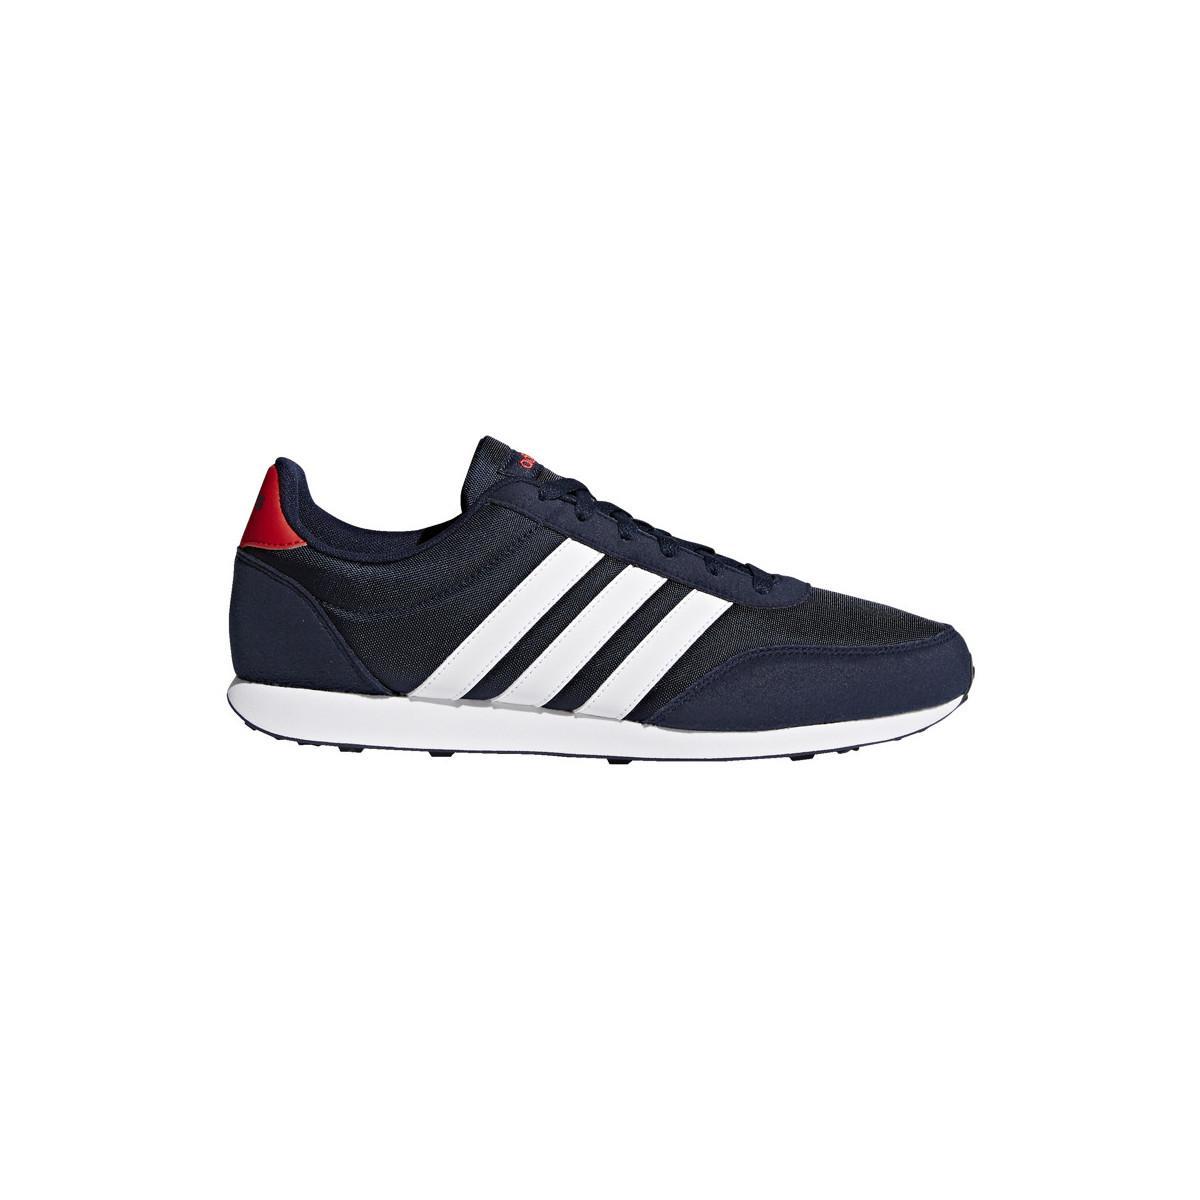 Sneaker adidas Herren V Racer 2.0 Cg5706 Sneaker